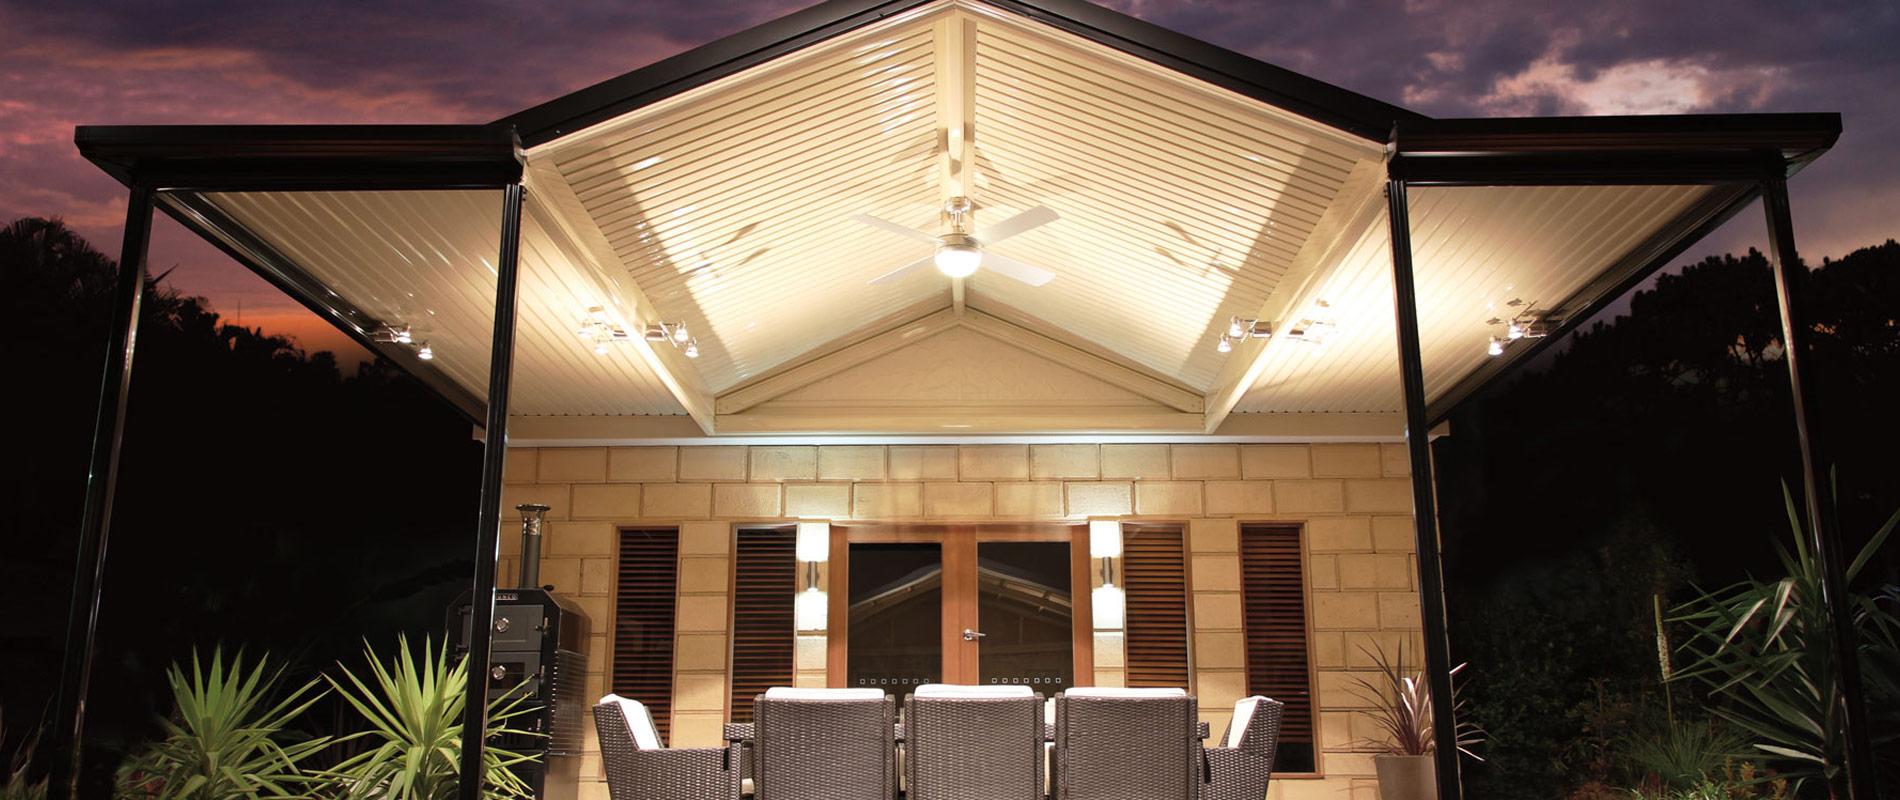 outback-gable-verandah